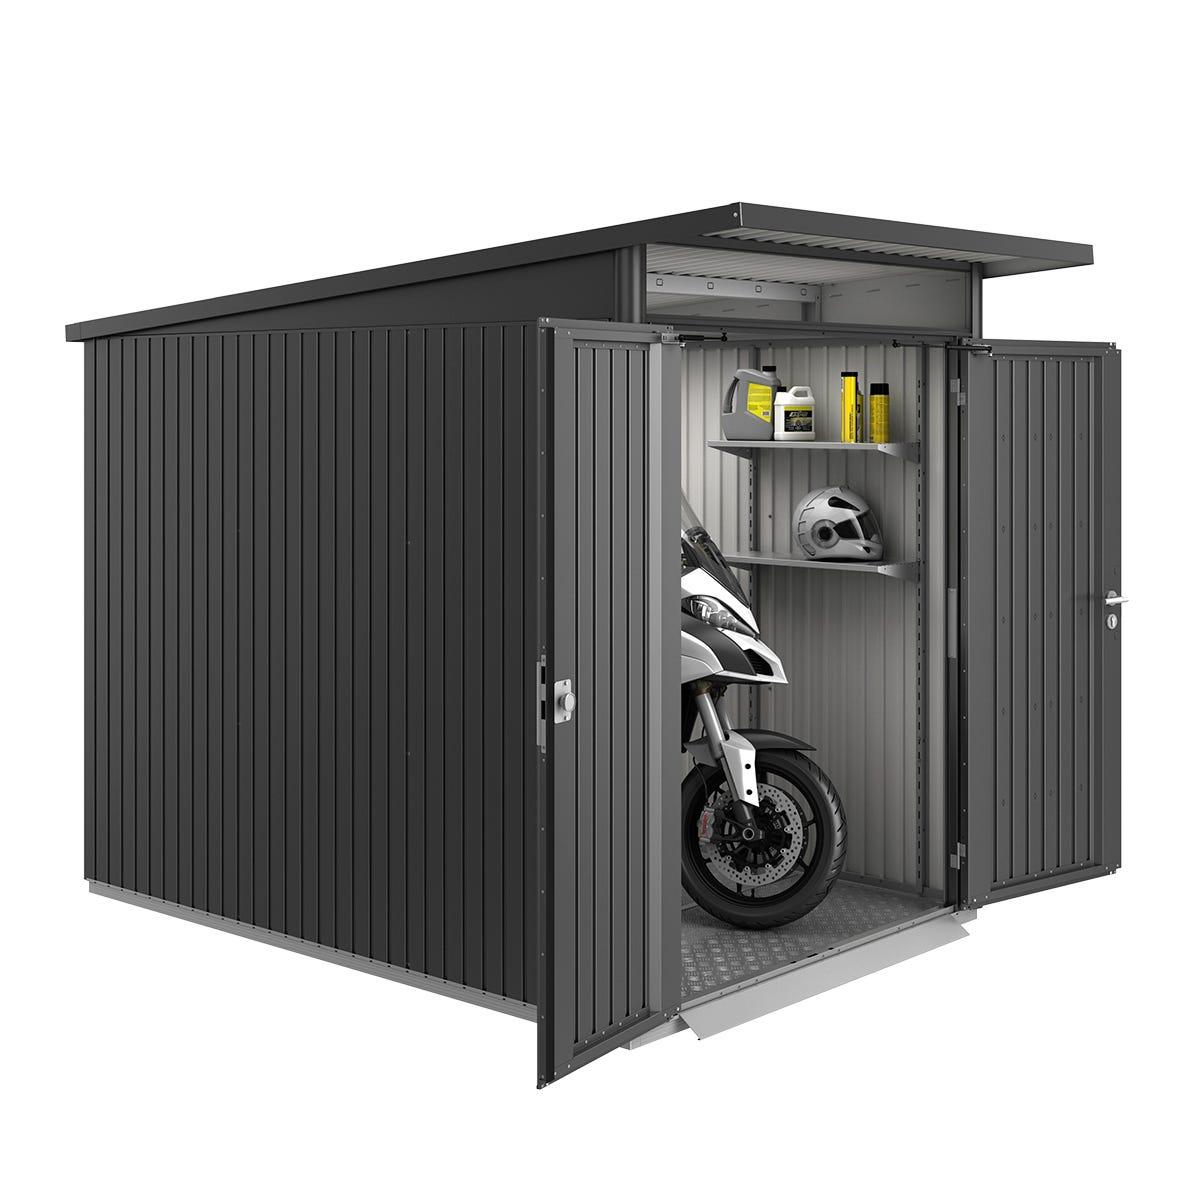 Biohort AvantGarde Metal Shed A3 Double door 5' 9'' x 9' 8'' - Dark Grey